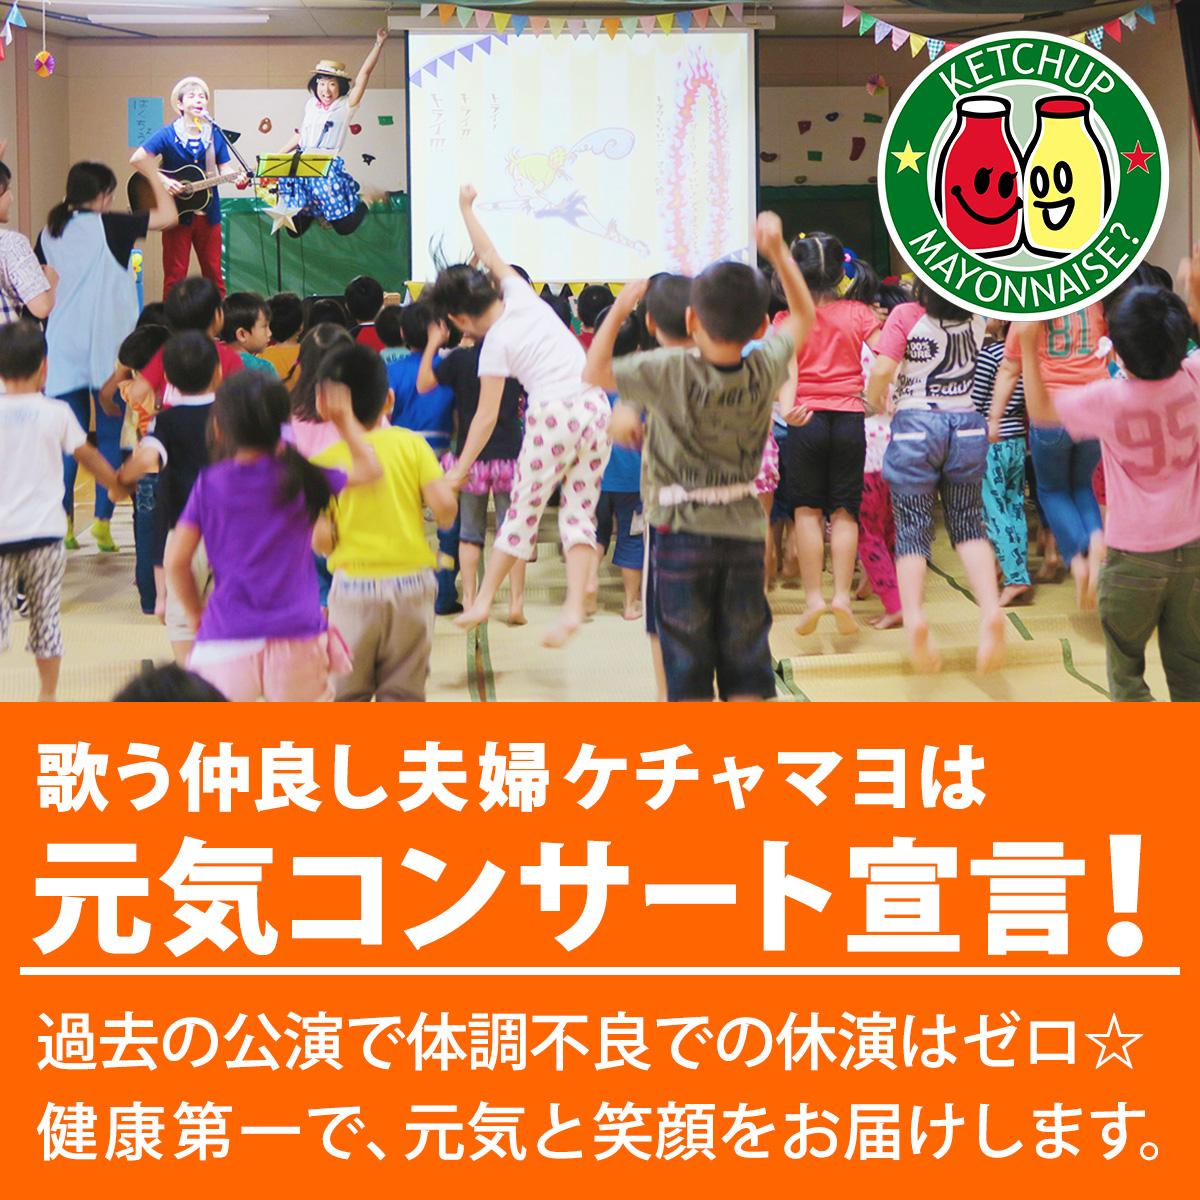 ek茶マヨは元気コンサート宣言!